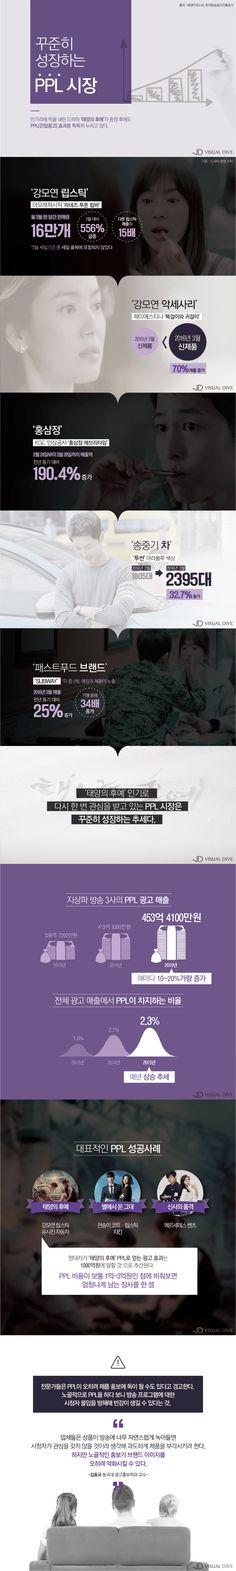 드라마 속 넘치는 PPL…득일까 실일까? [인포그래픽] | 비주얼다이브